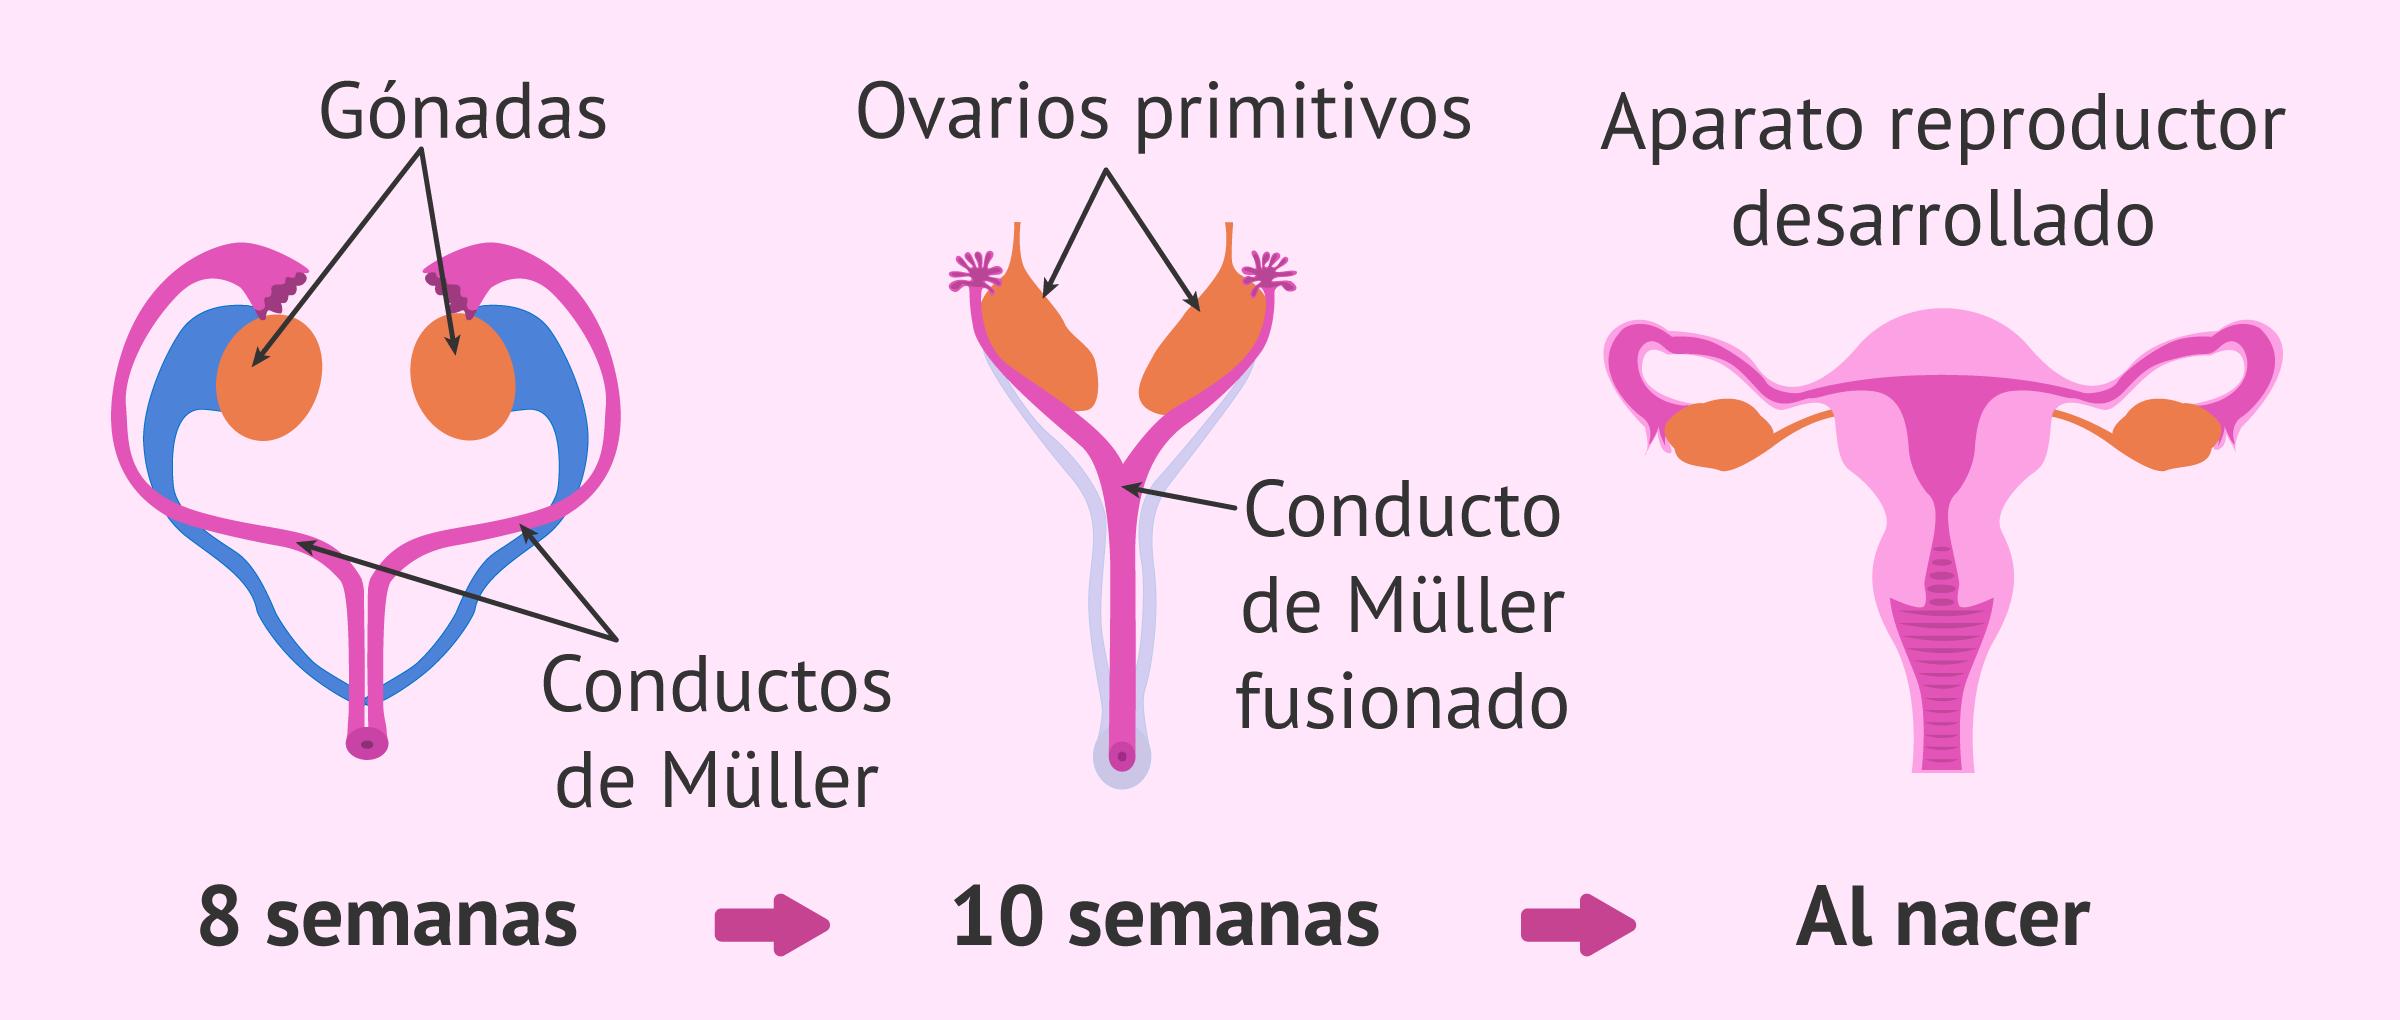 Desarrollo del aparato reproductor femenino